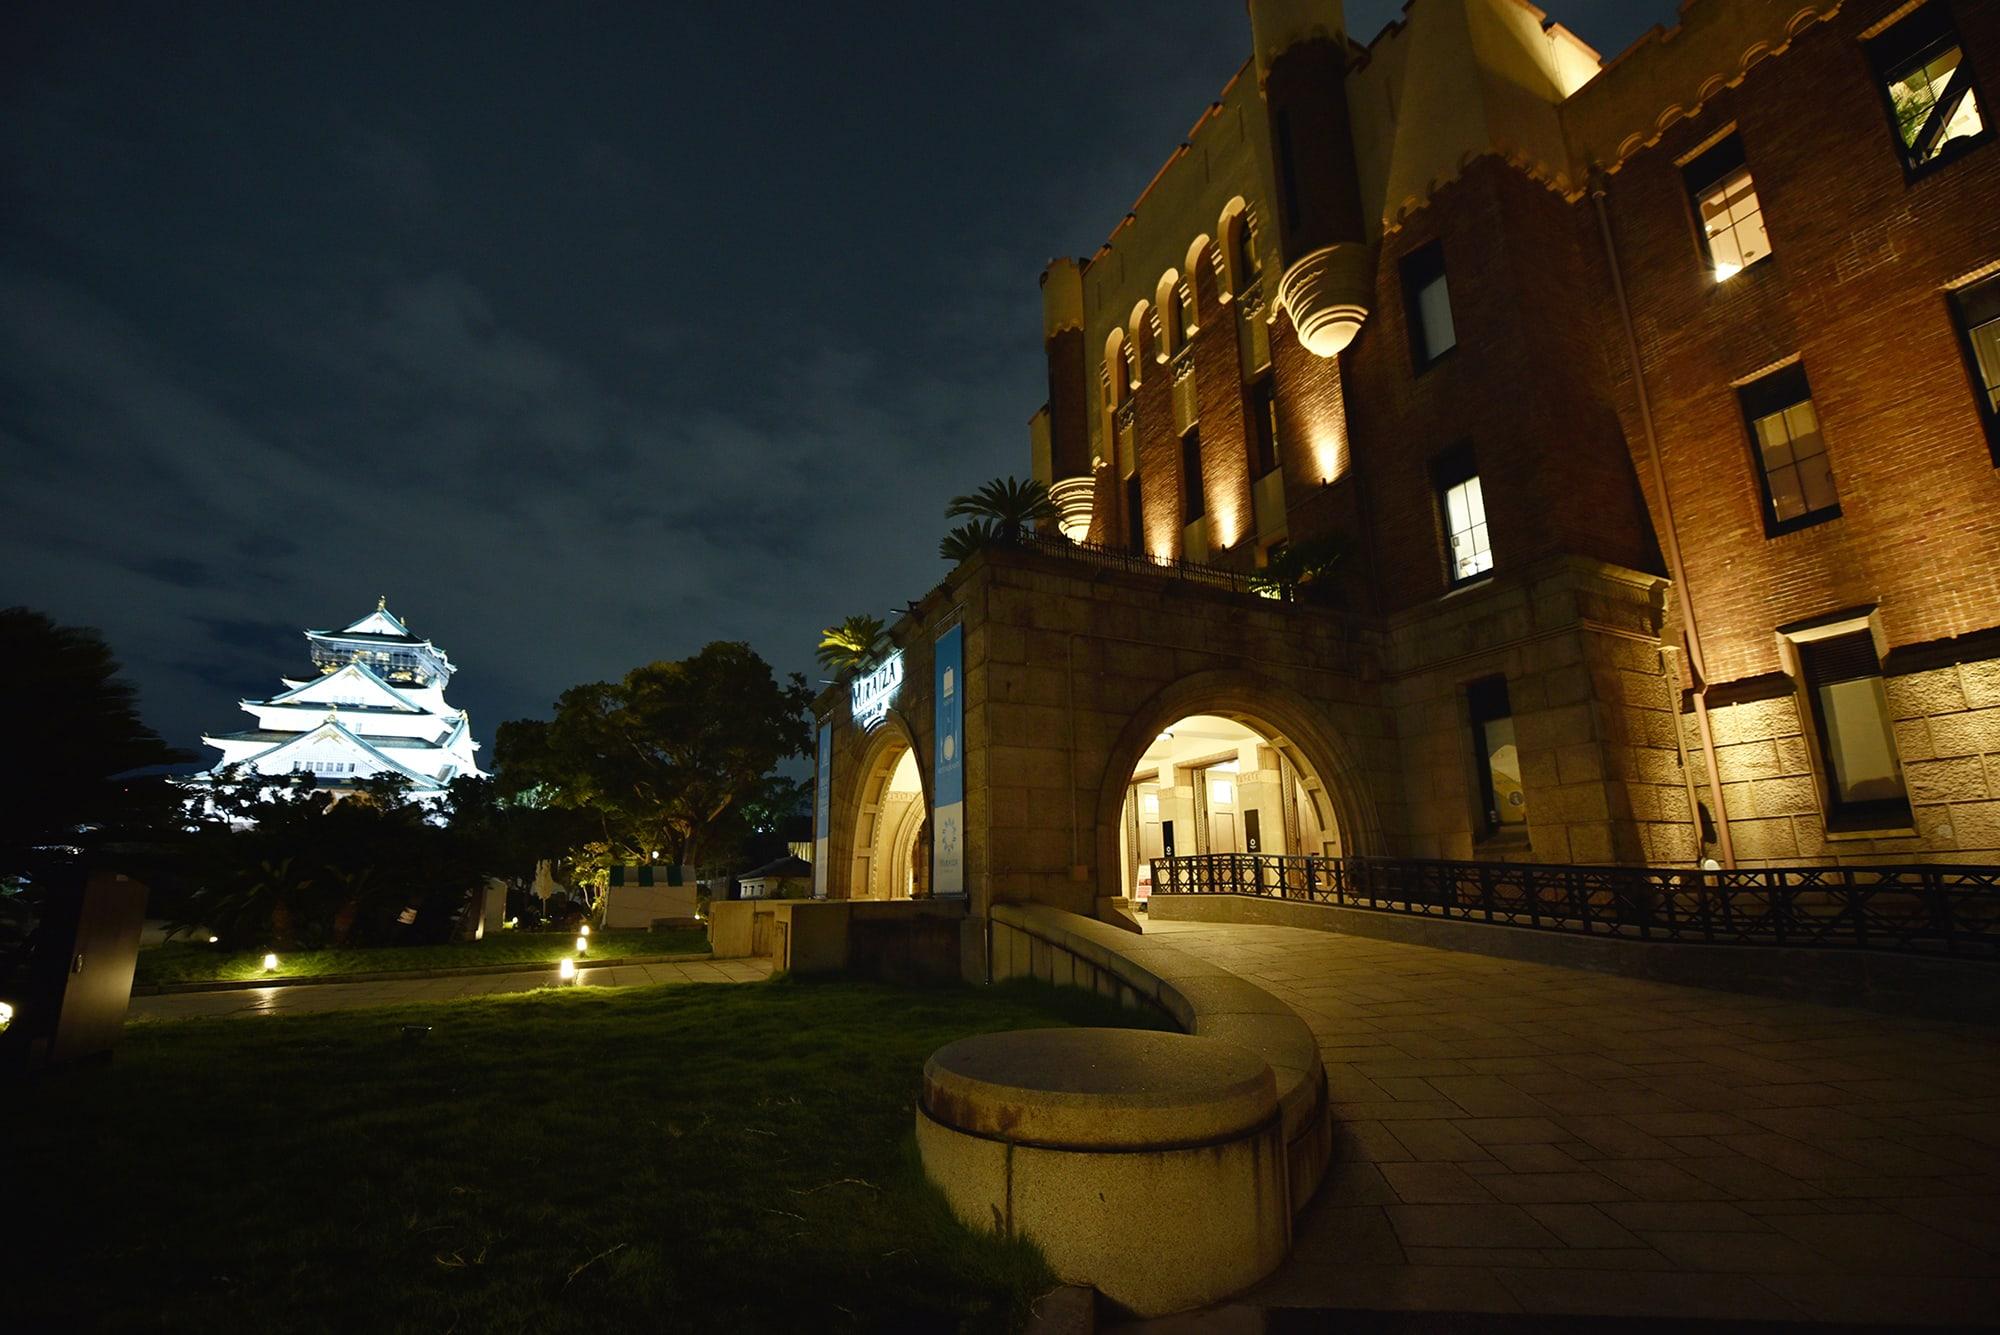 大阪城を目前にするミライザ大阪。「ルレ・エ・シャトー日本支部設立30周年記念」のグランド・ガラ・ディナーの会場だ。